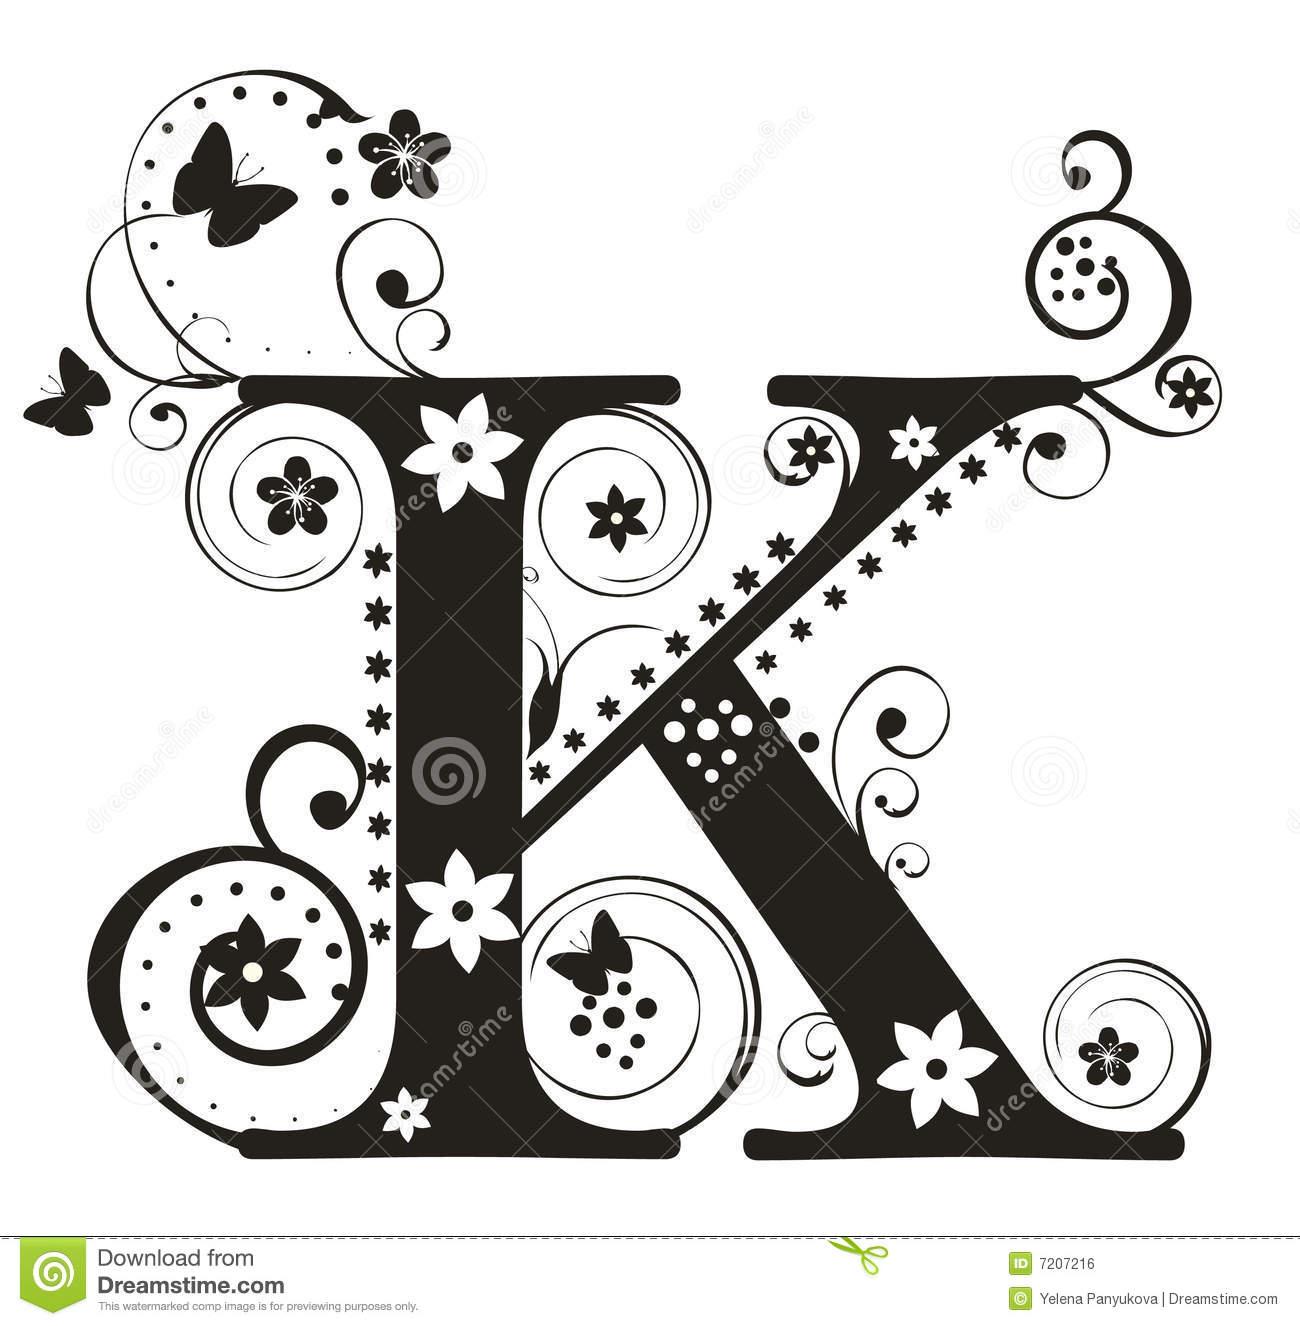 Clipart alphabet letter k shape of suitcase graphic library Clipart alphabet letter k shape of suitcase - ClipartNinja graphic library